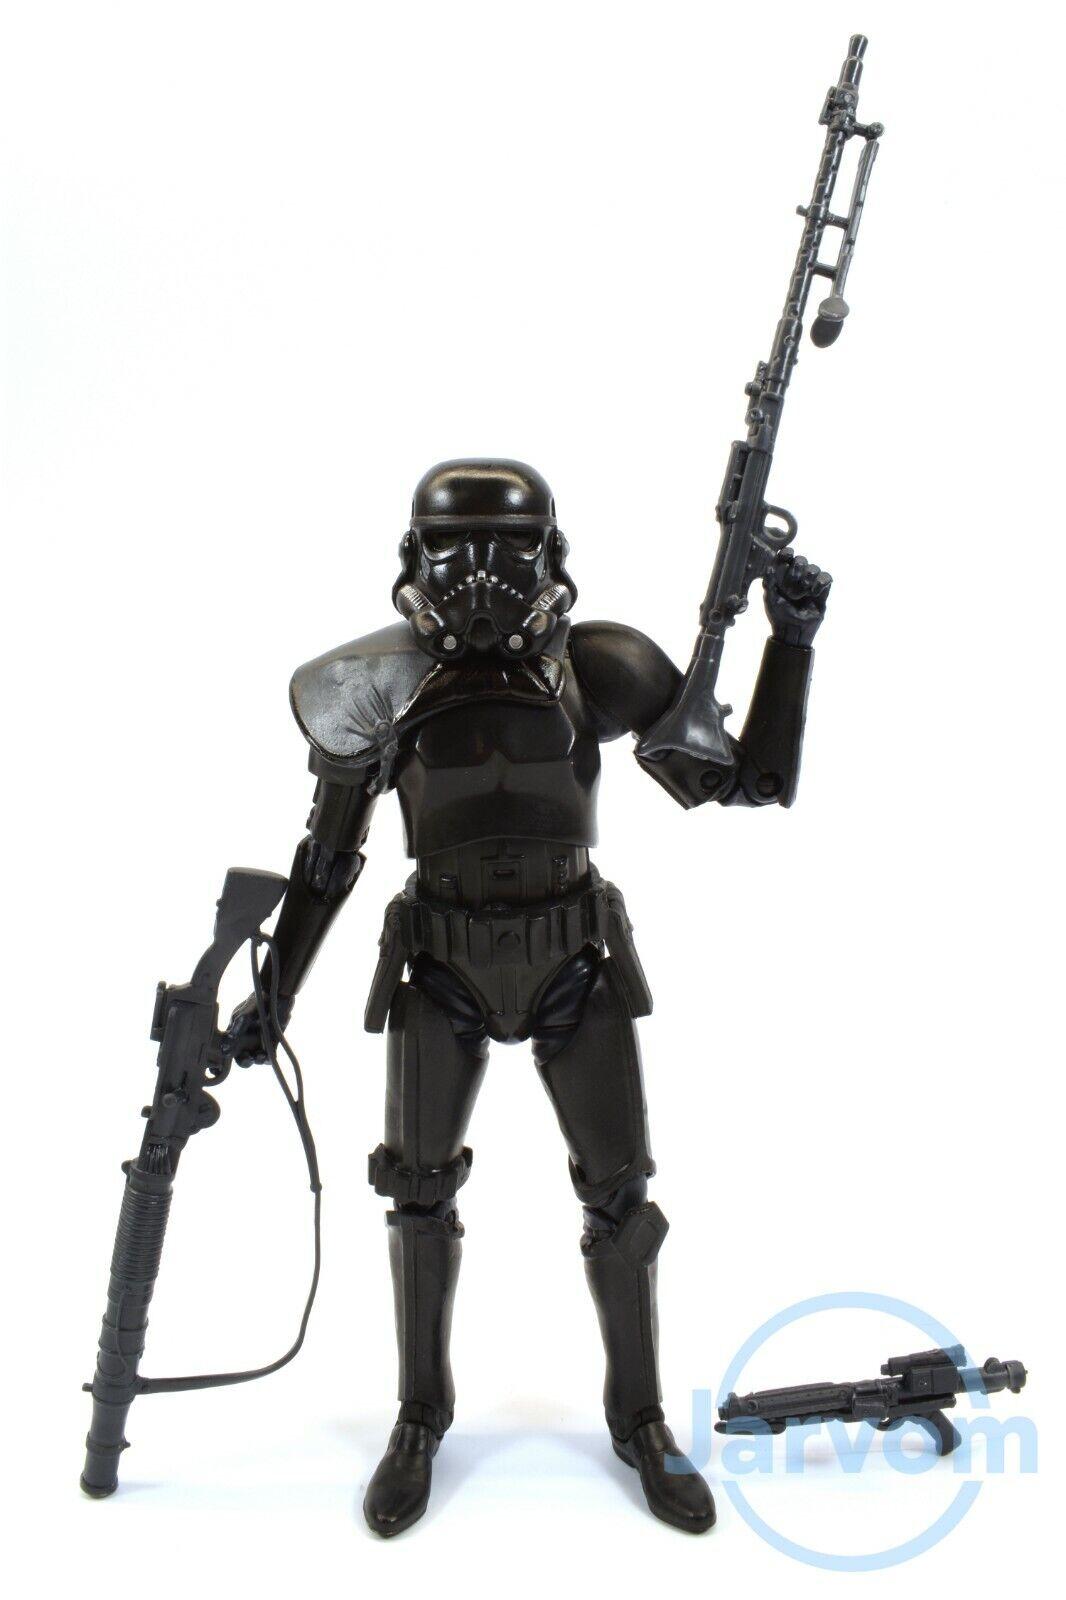 promociones de equipo Estrella Wars auténticas negro serie serie serie 6  sombra escuadrón Stormtrooper Suelto Completo  gran selección y entrega rápida